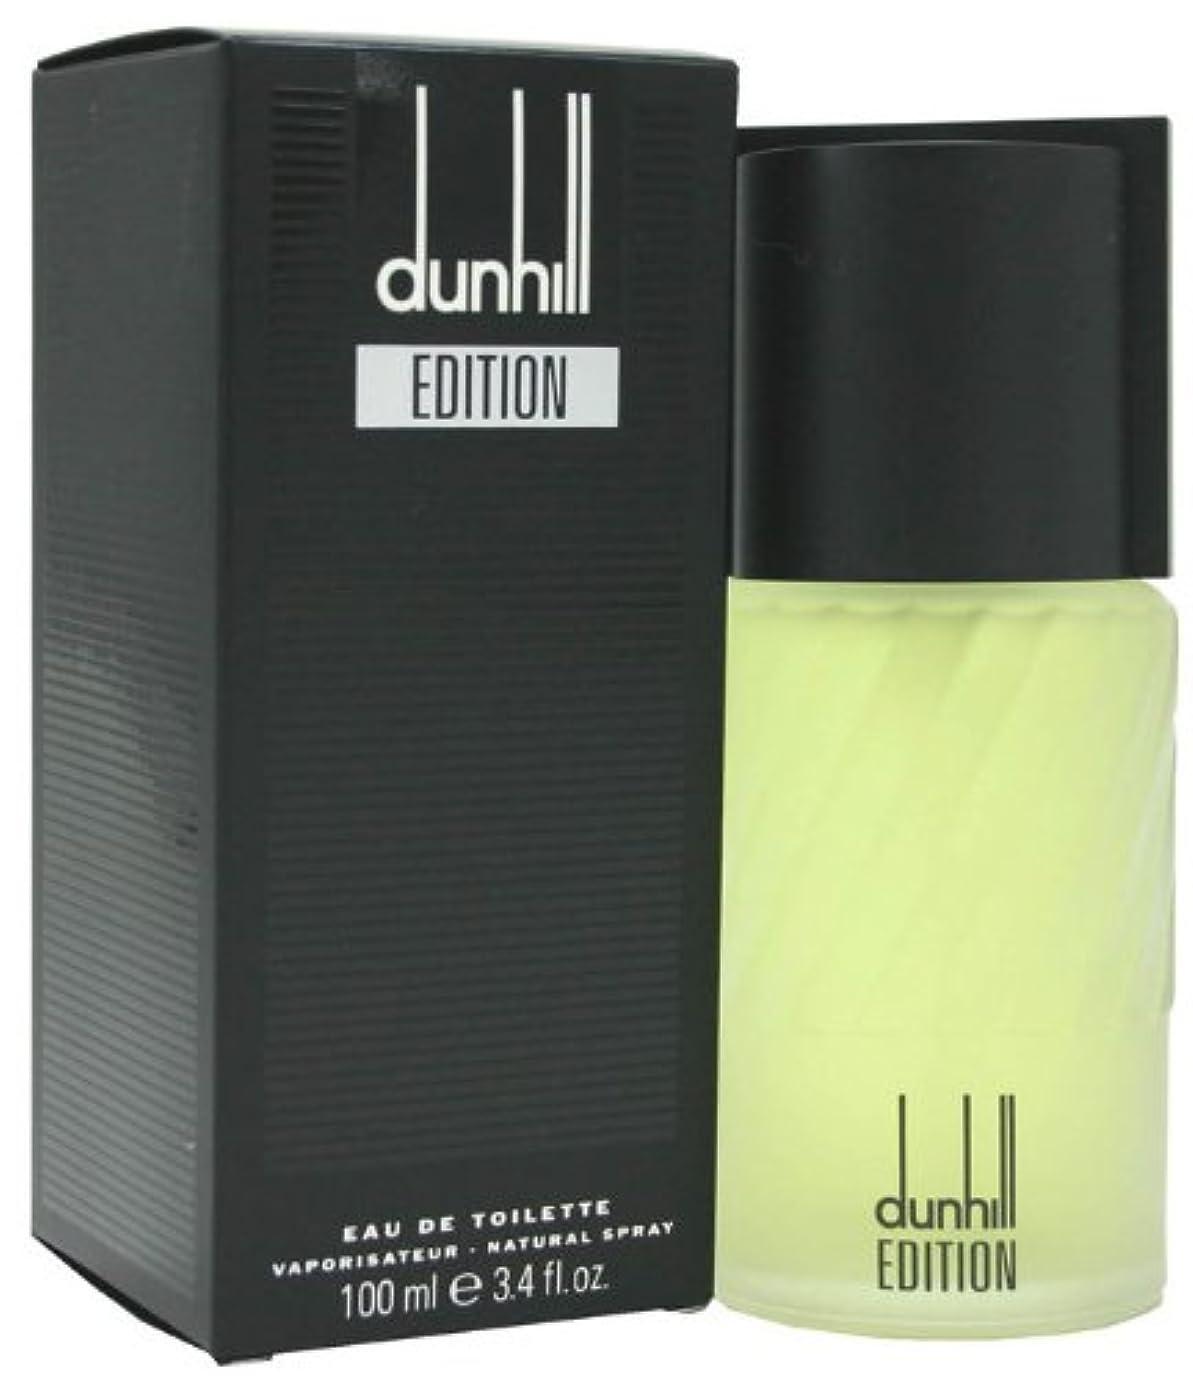 害セマフォ水銀のDUNHILL 香水 エディション ET/SP/100ML 1598-DH-100 [並行輸入品]